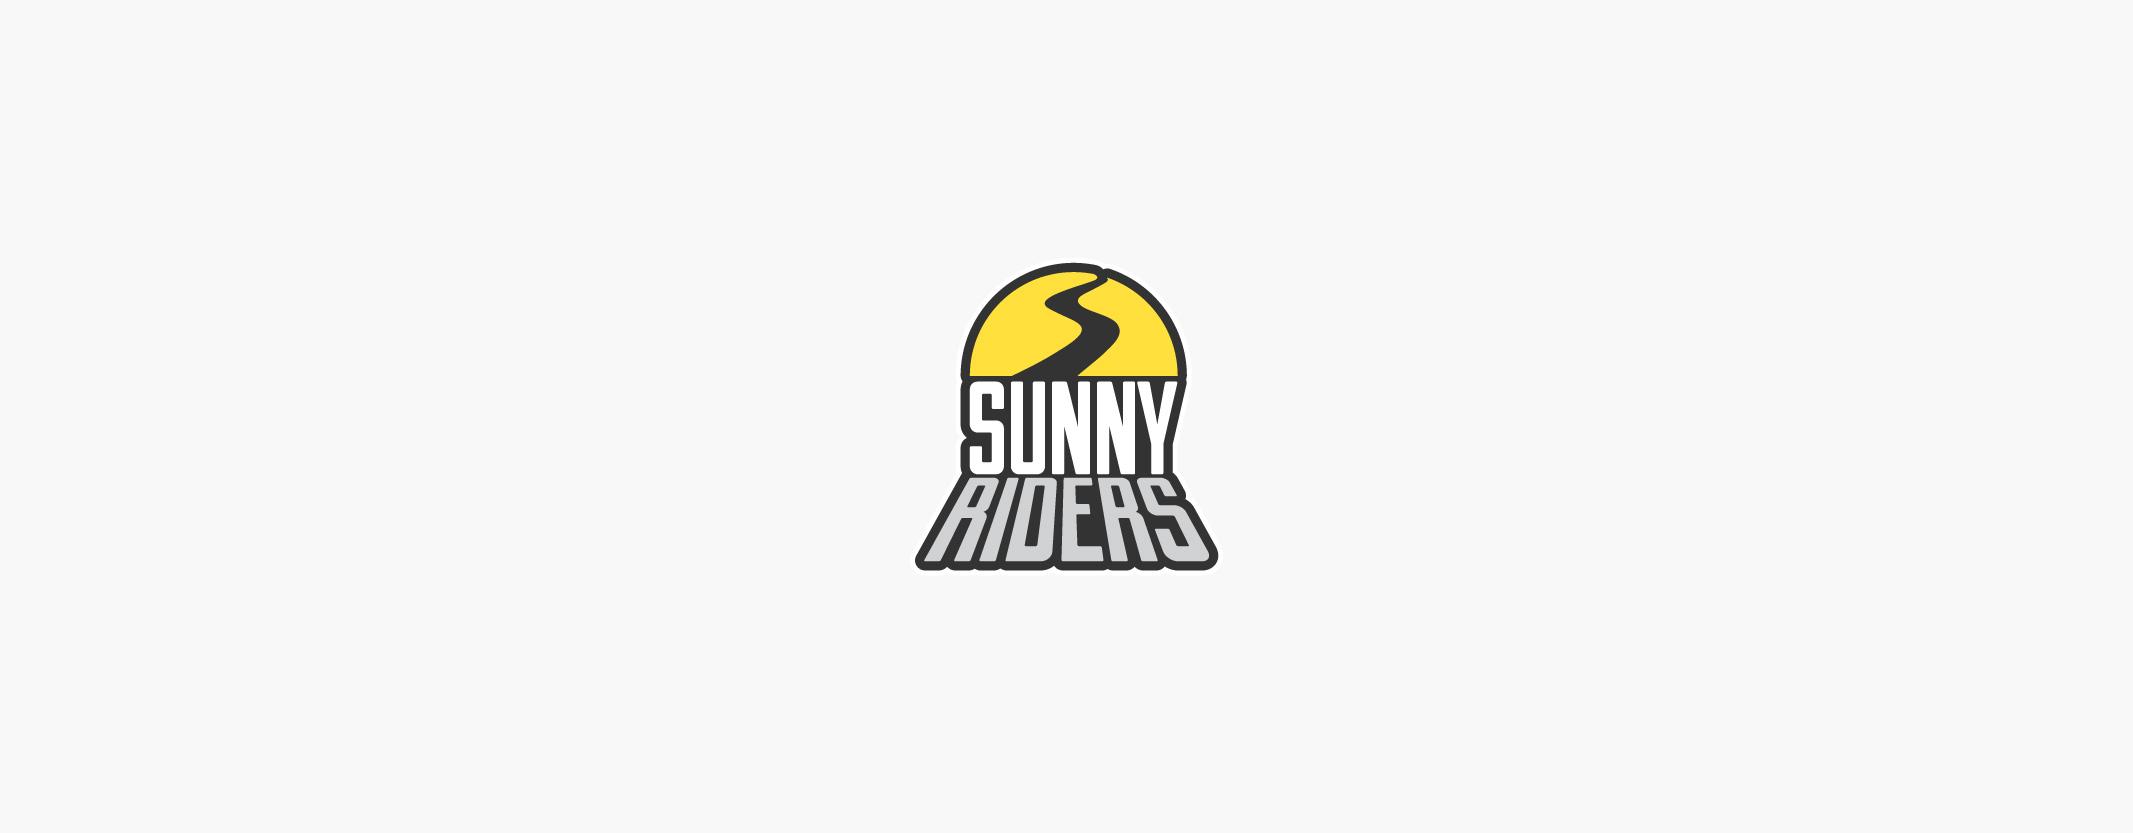 23_logos_sunnyriders